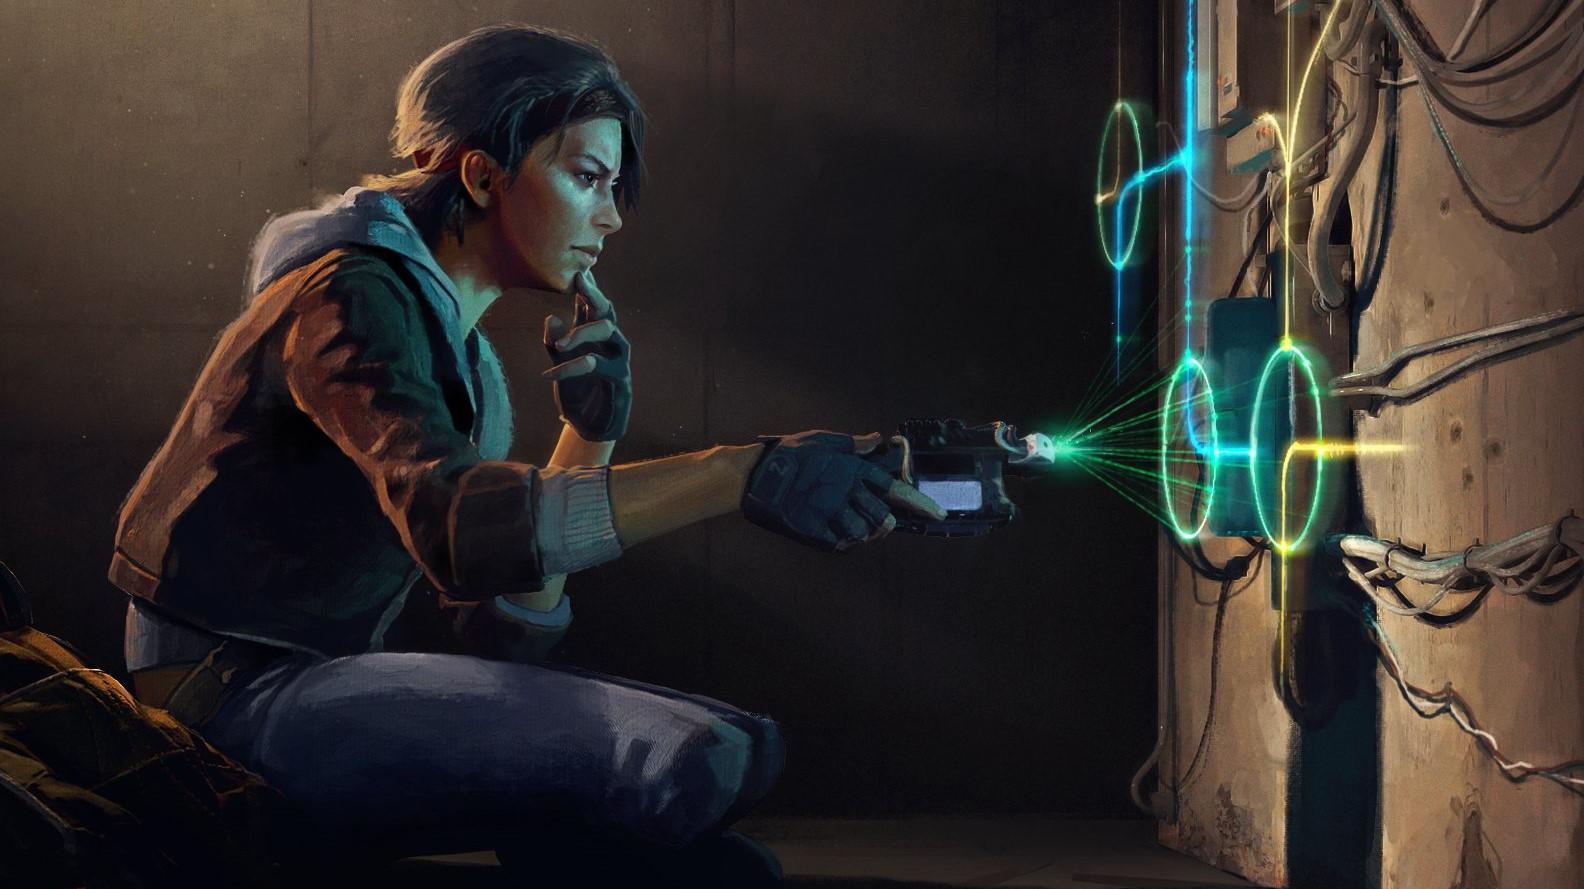 vr игра Half-Life: Alyx в образовании